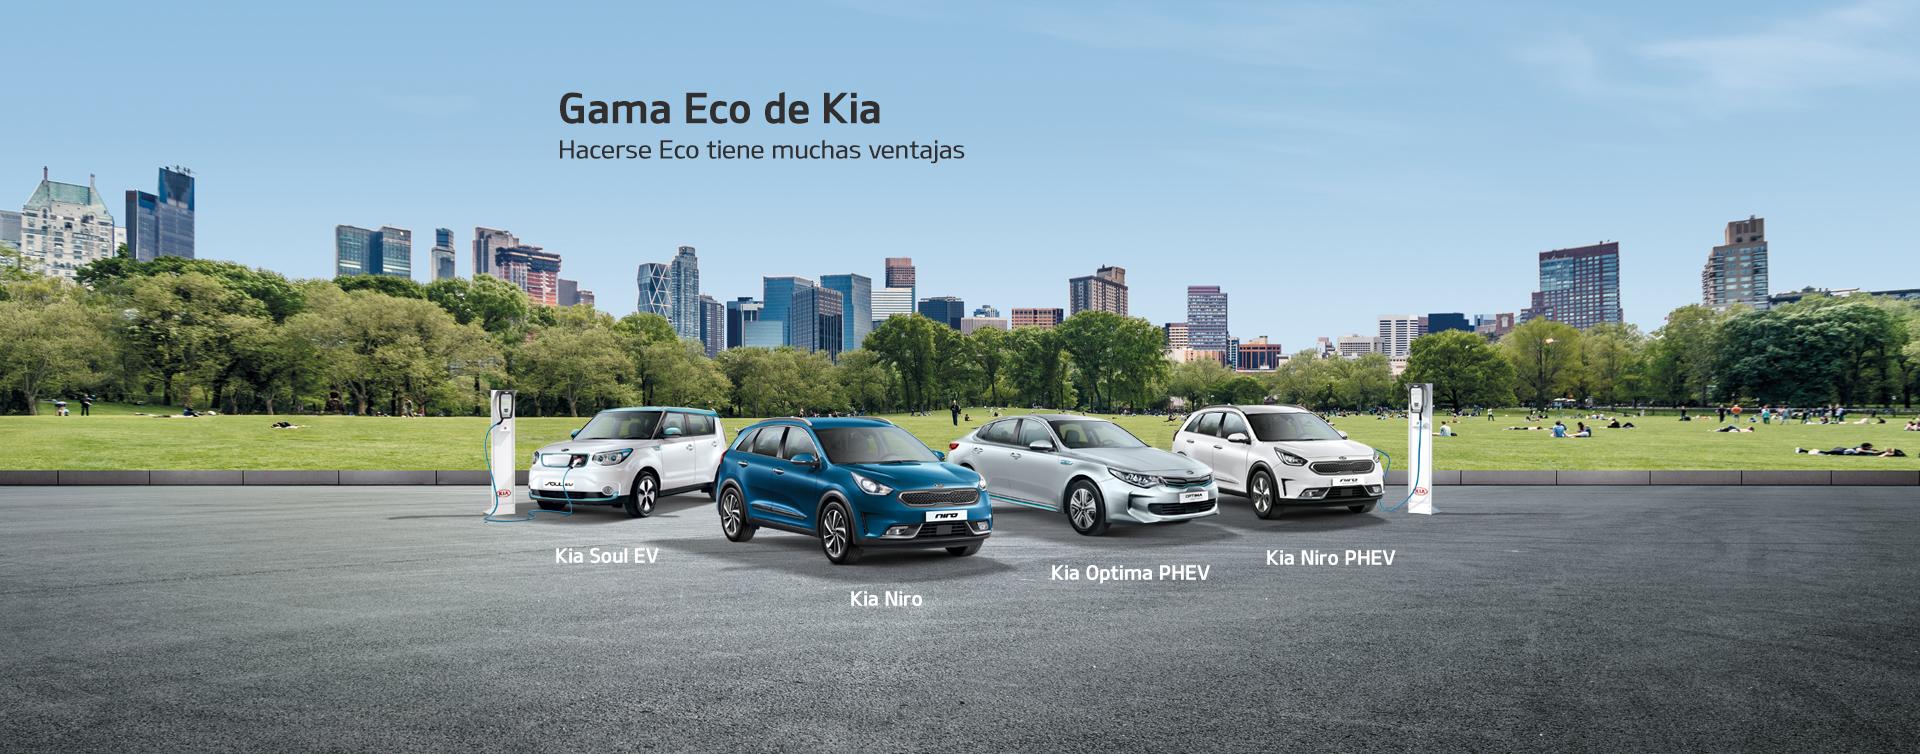 Gama Eco de Kia